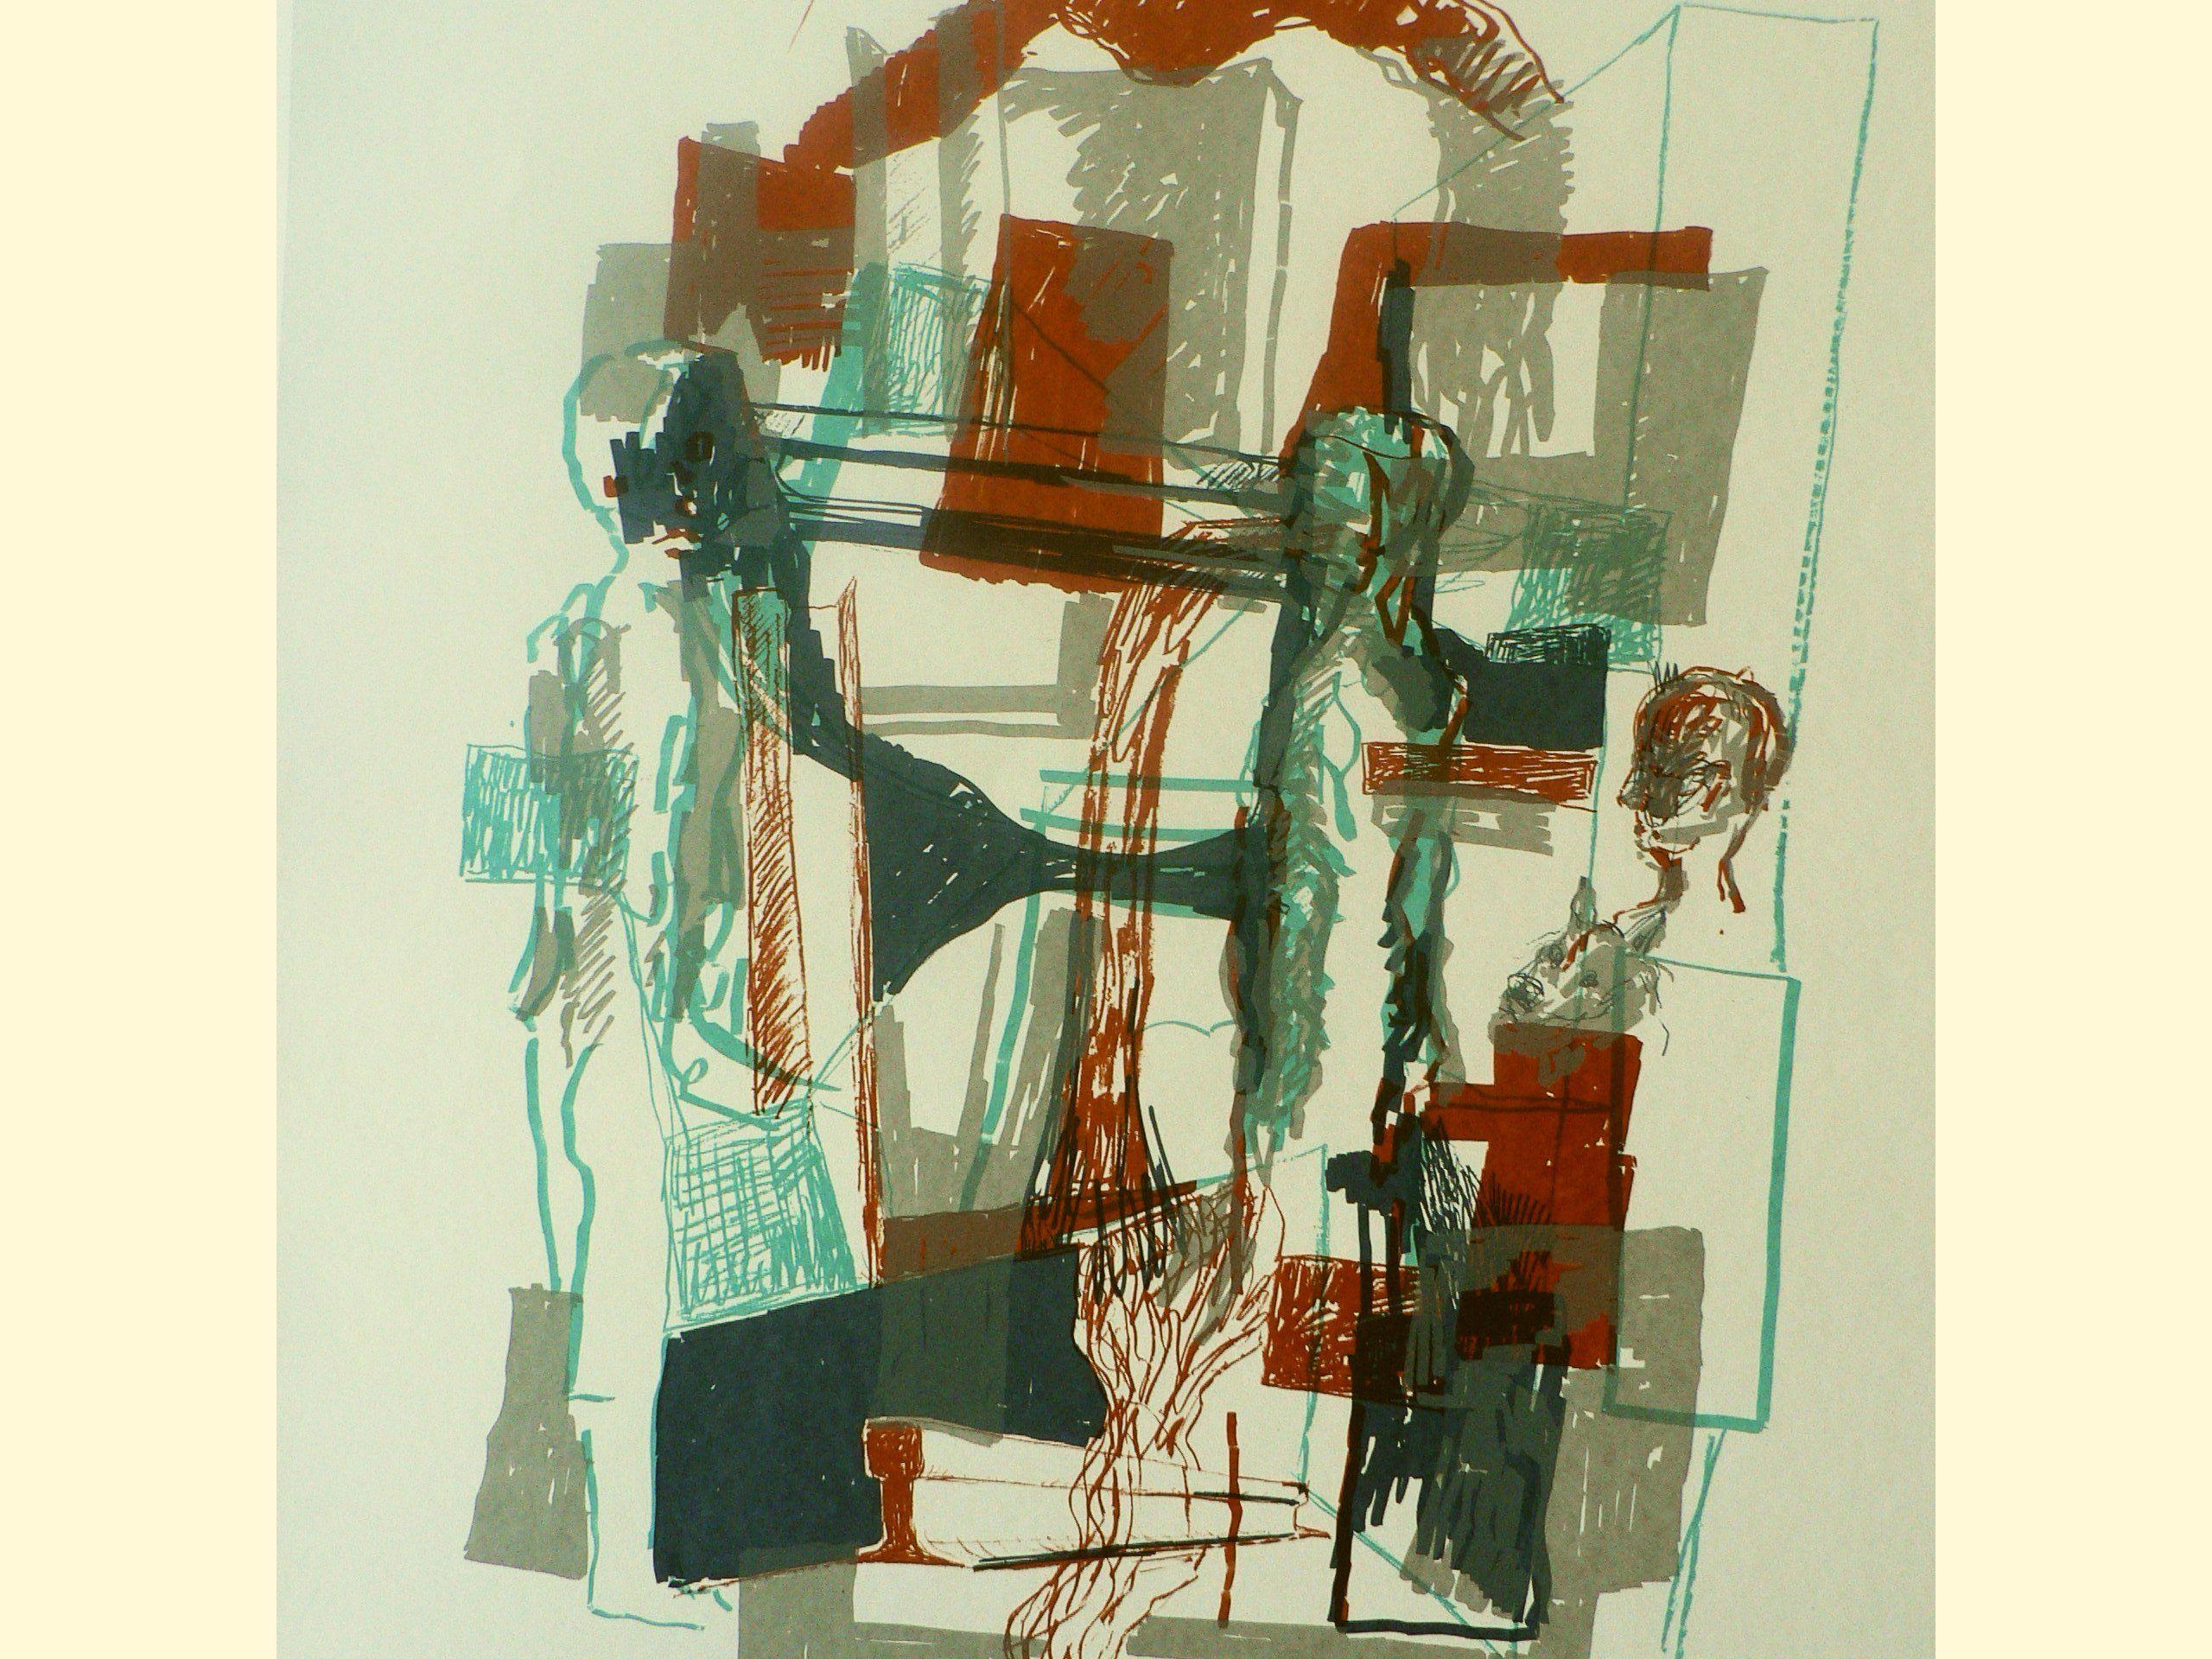 Stahlmenschen, 2001, Siebdruck